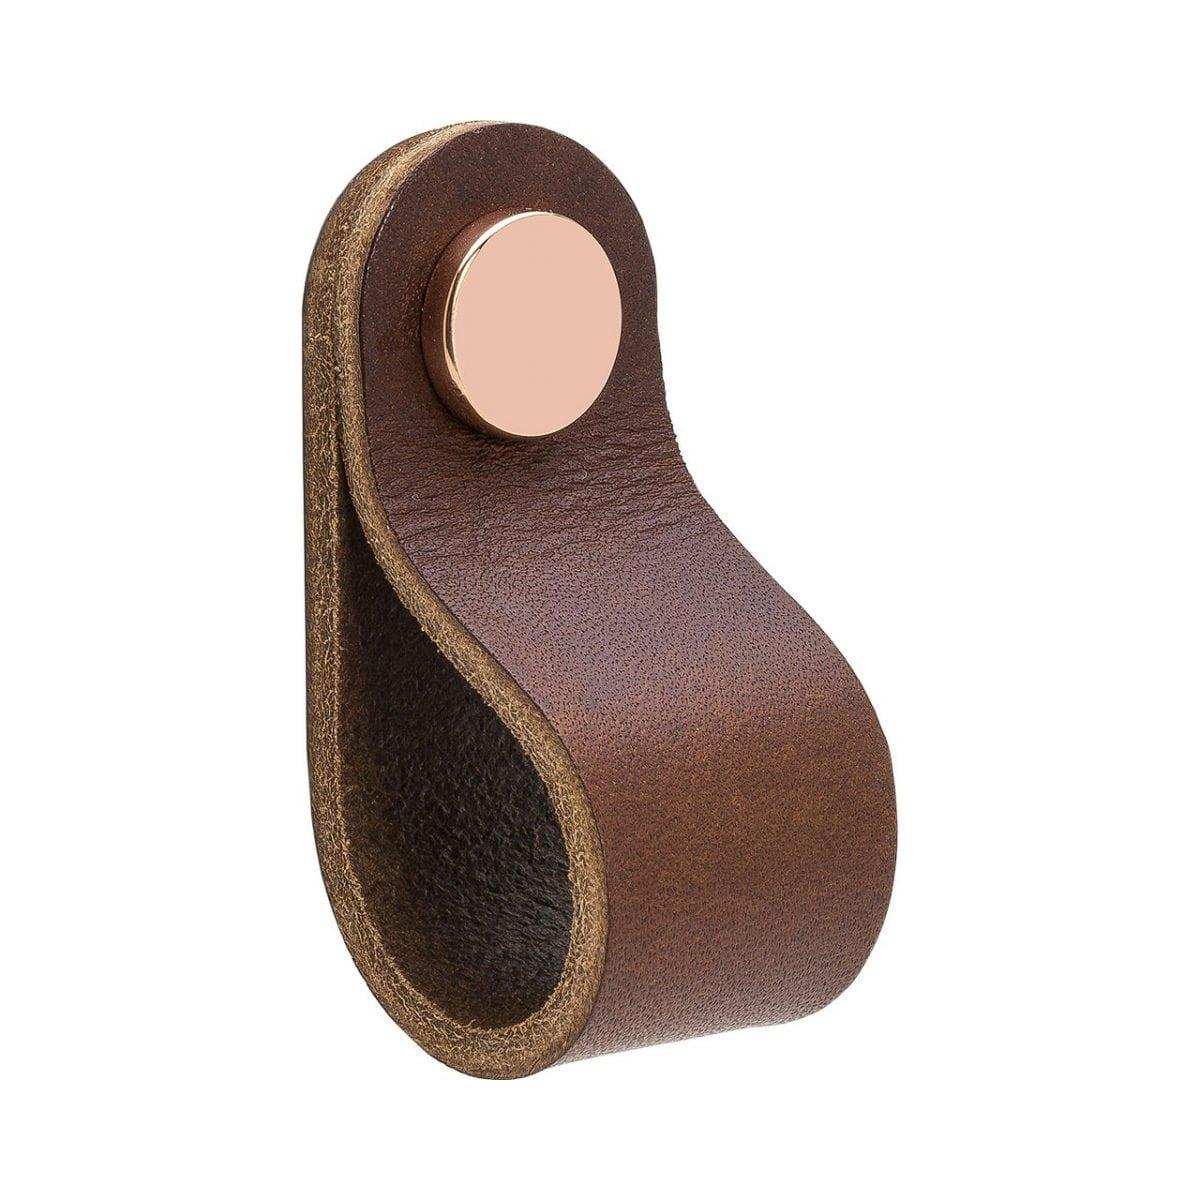 Loop Round - läder brun / koppar